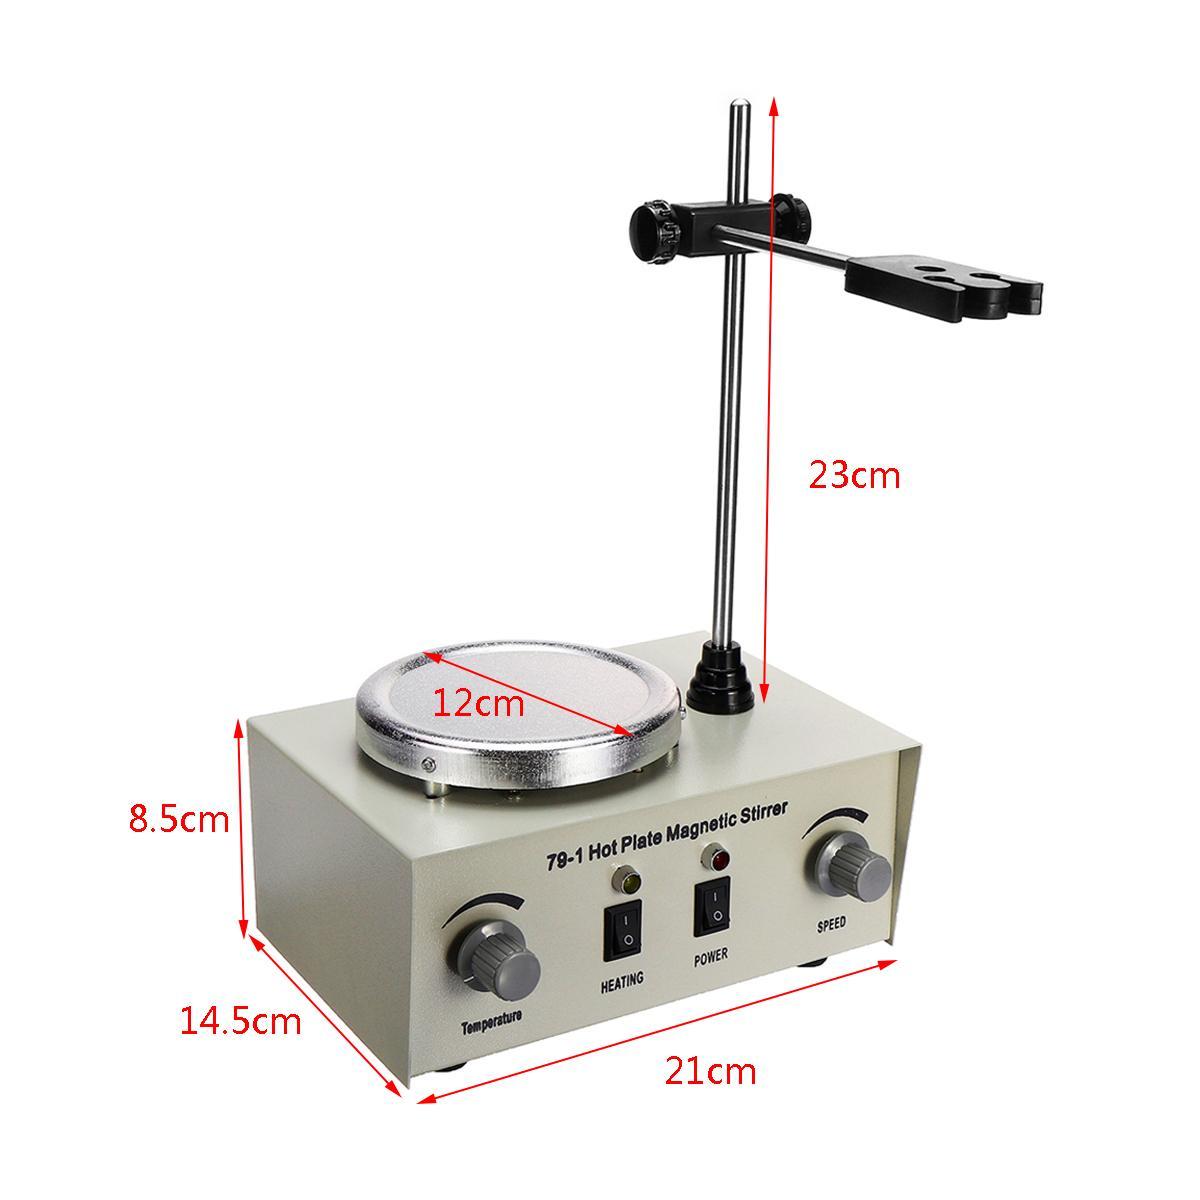 Mélangeur de double contrôle de chauffage de laboratoire US/AU/EU 79-1 110/220 V 250 W agitateur magnétique de plaque chaude 1000 ml aucune Protection de fusibles de bruit/Vibration - 4